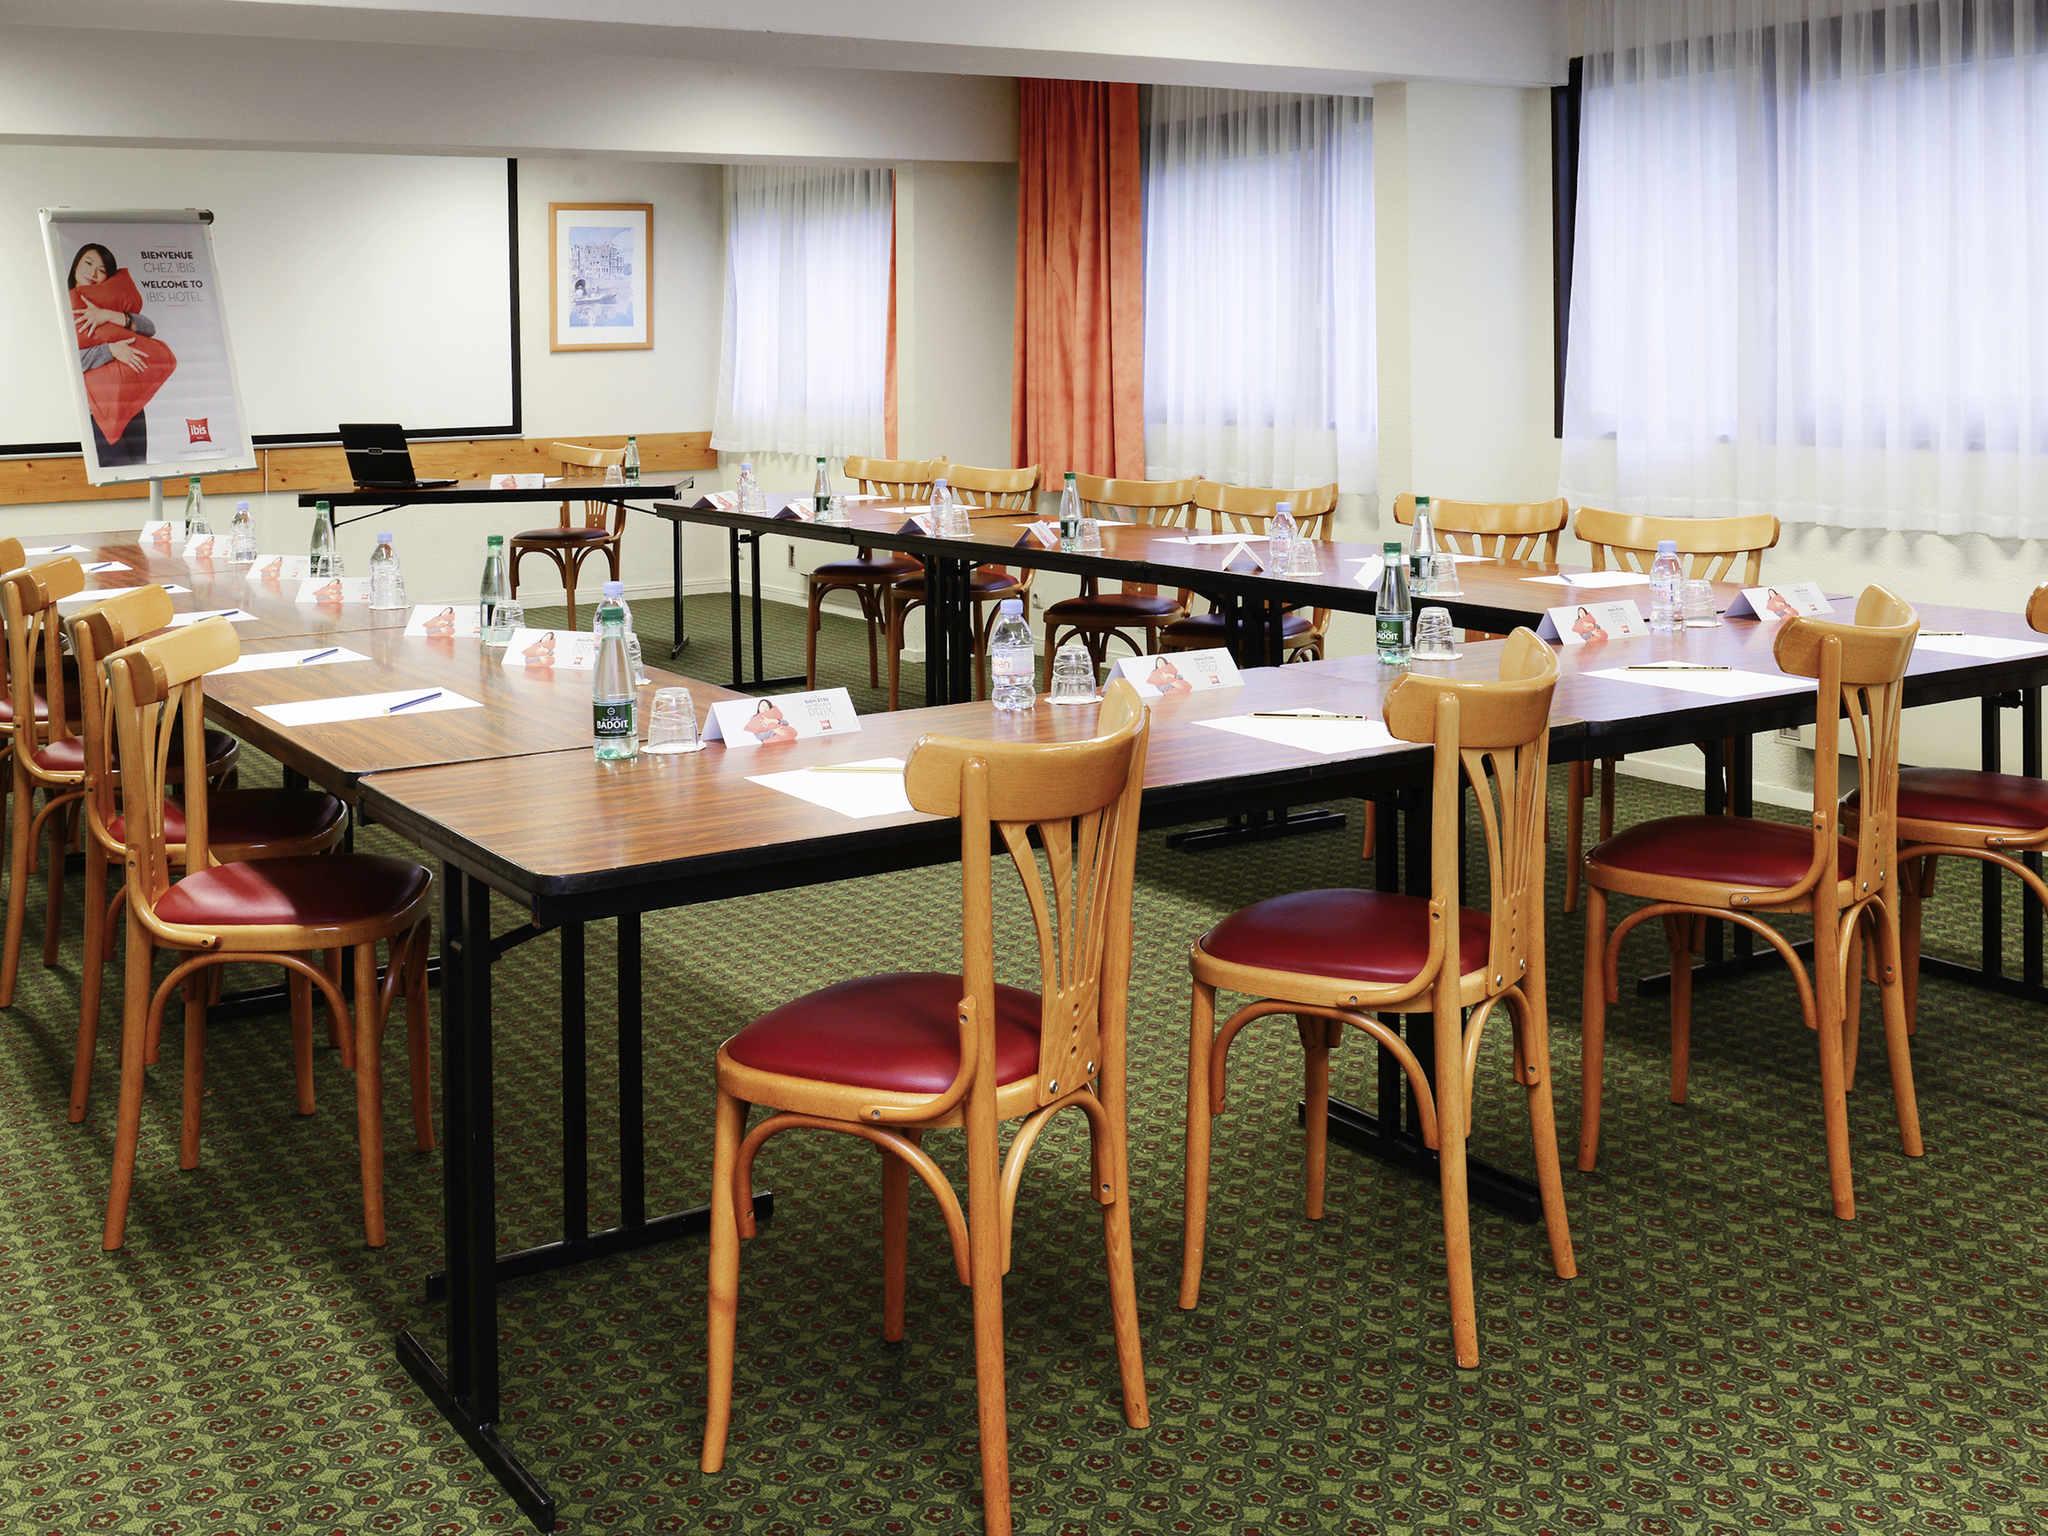 Hotel In Herouville Saint Clair Ibis Caen Porte Dangleterre